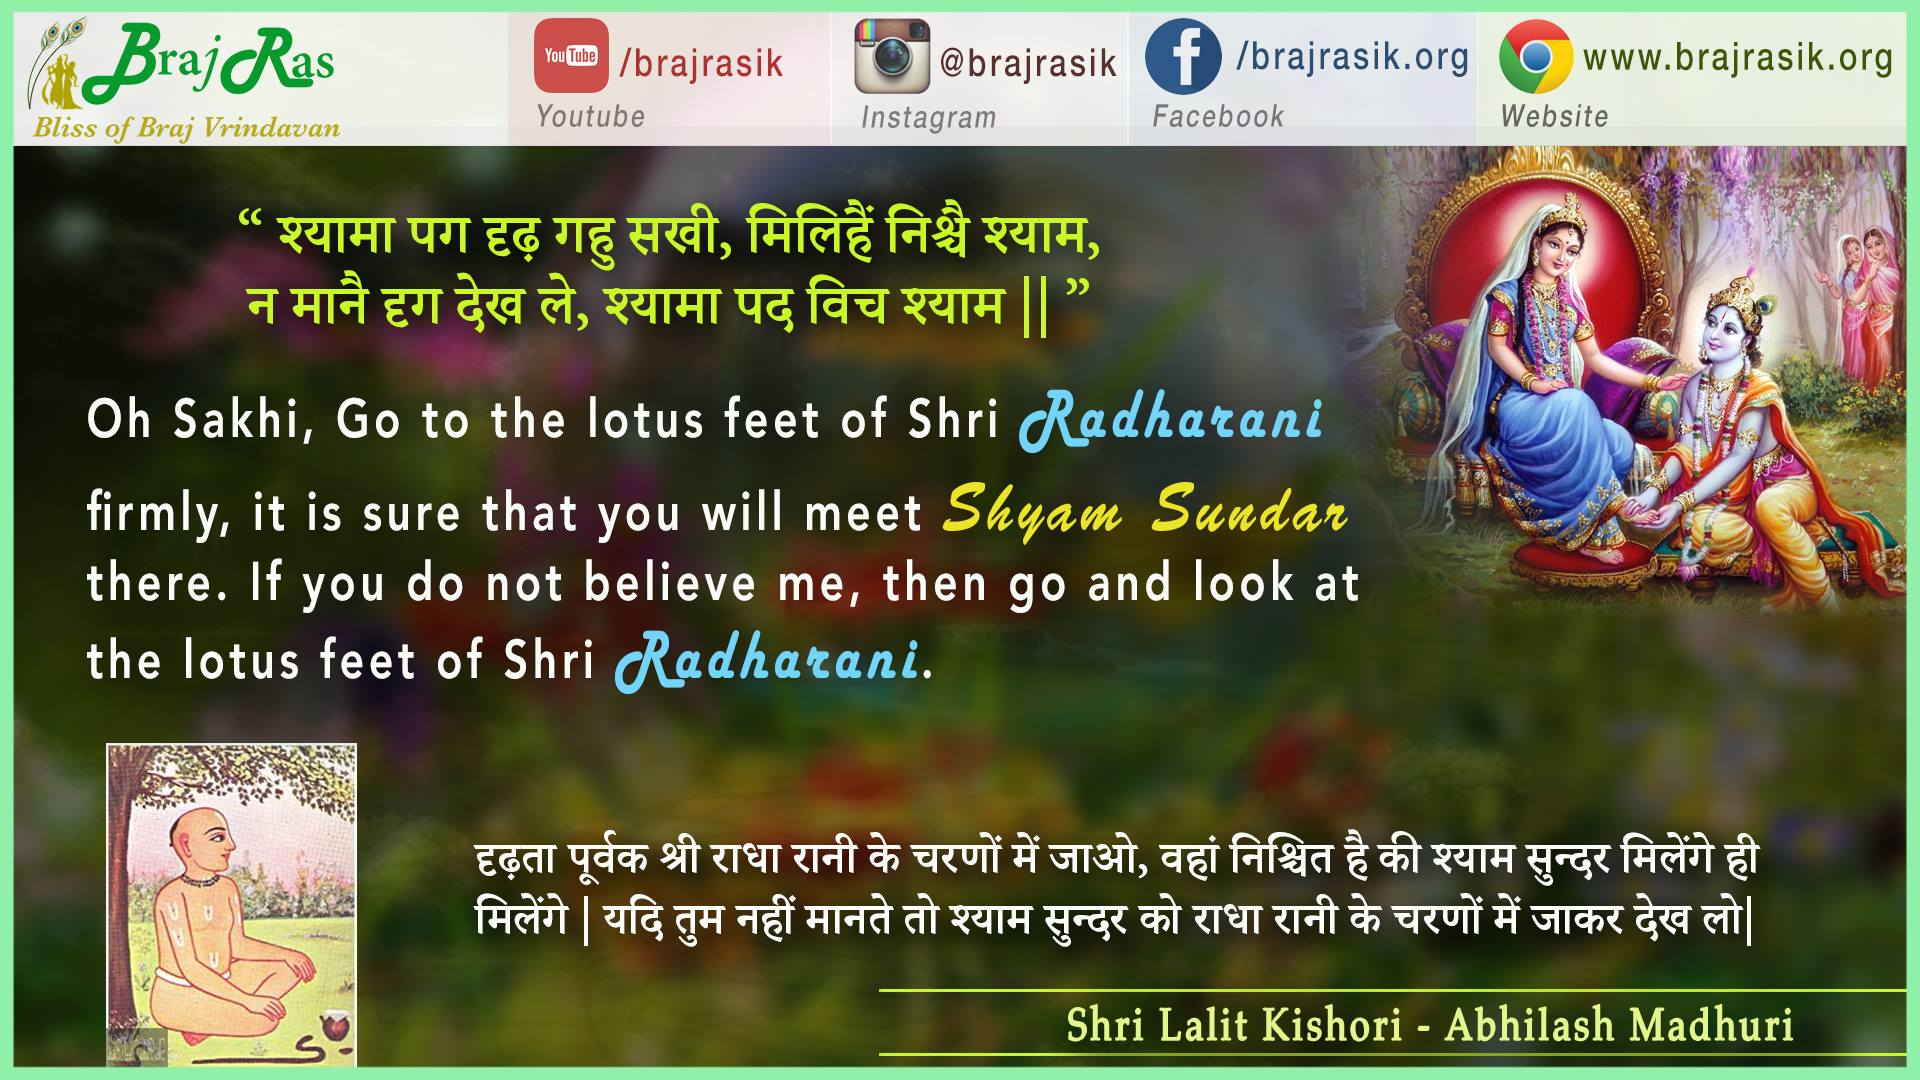 Shyama Paga Drid Gahu Sakhi - Shri Lalit Kishori - Abhilash Madhuri